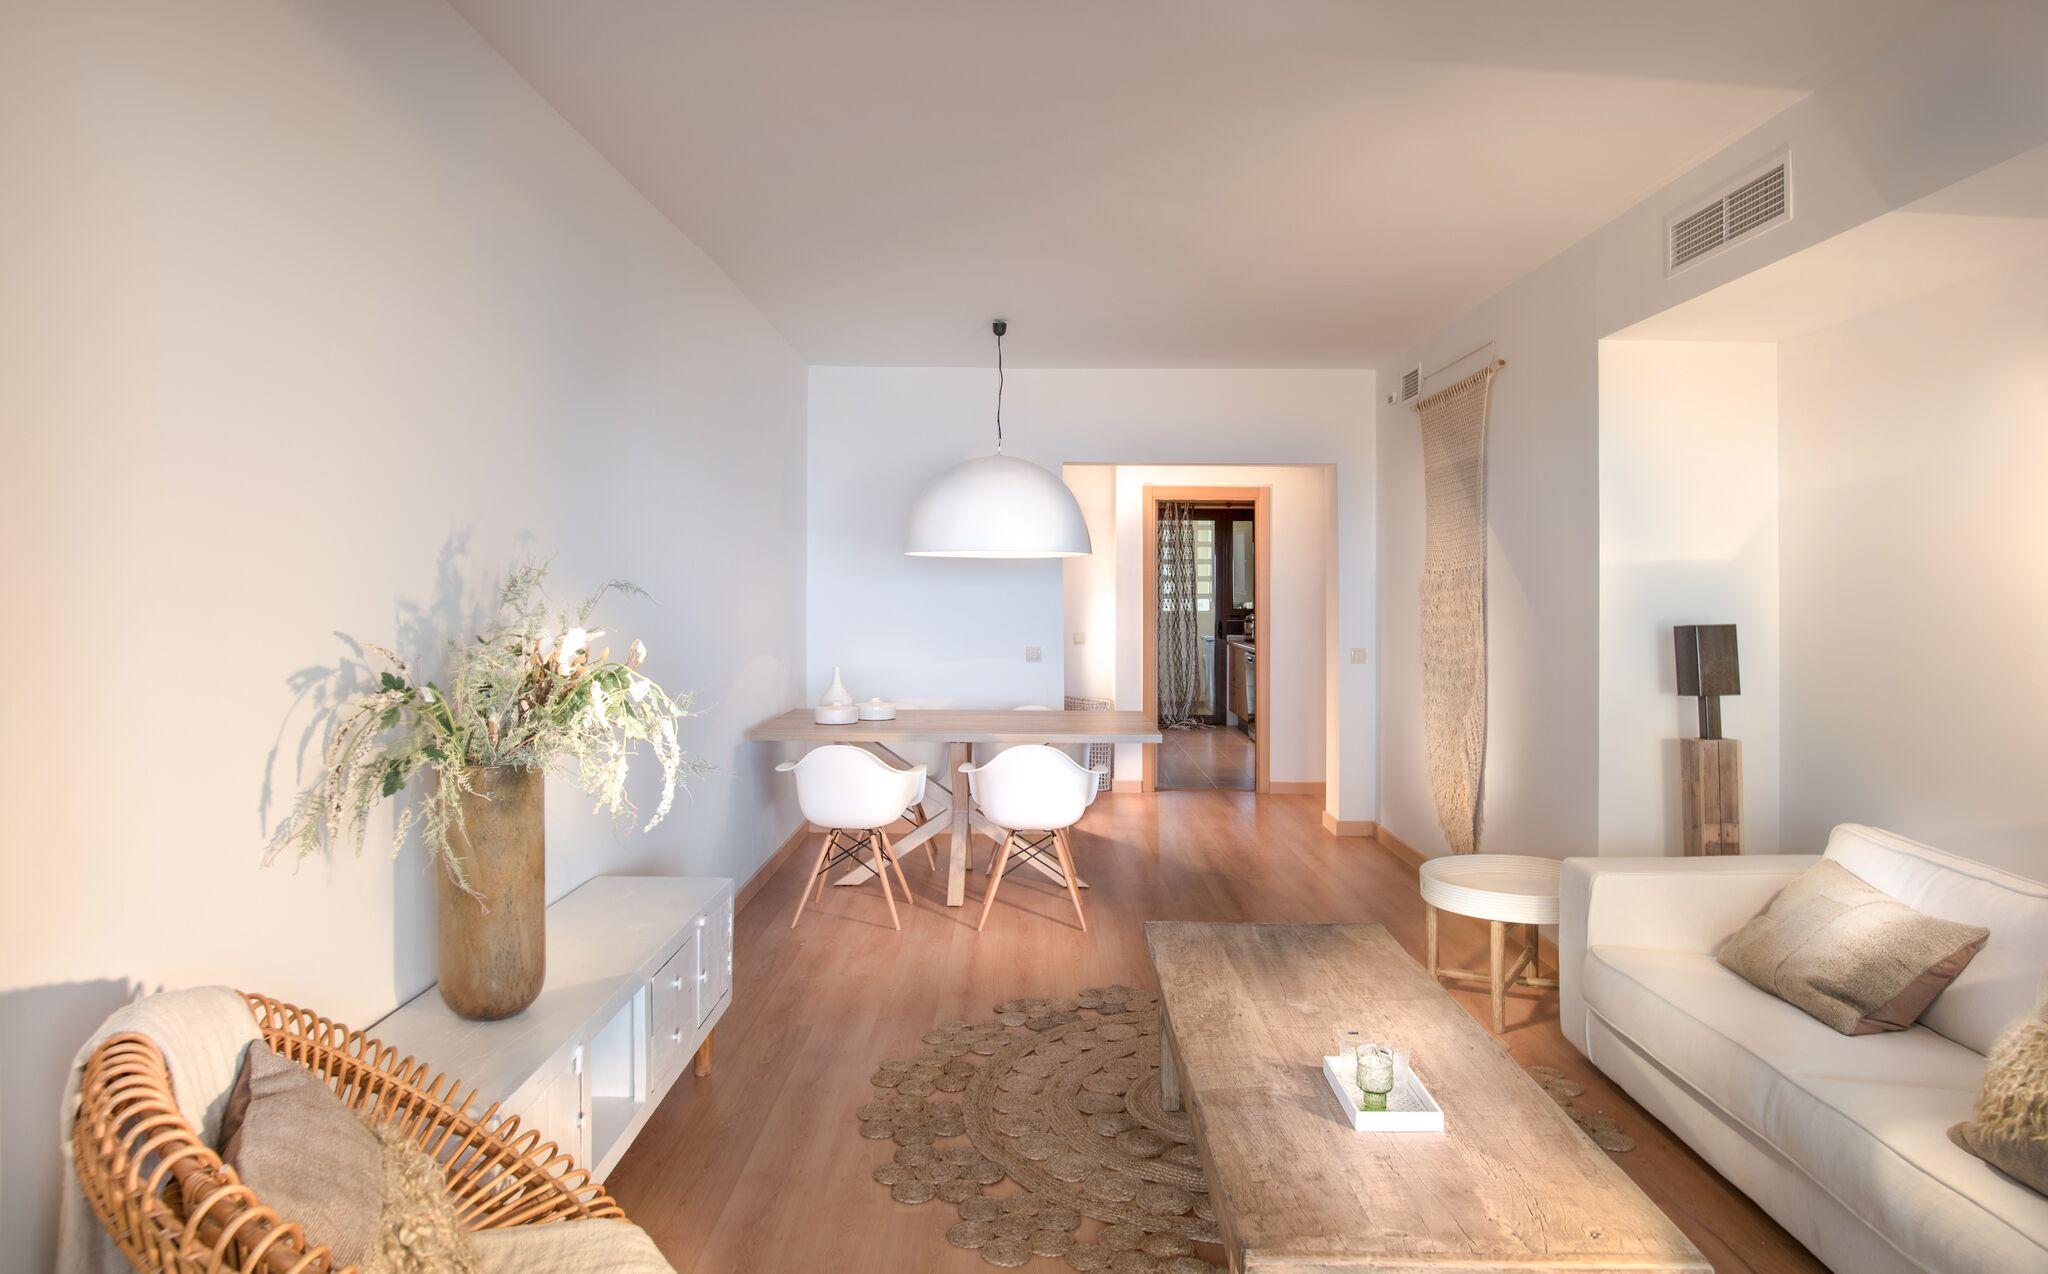 La-Cala-Suites-Ibiza-Style-Interior-2